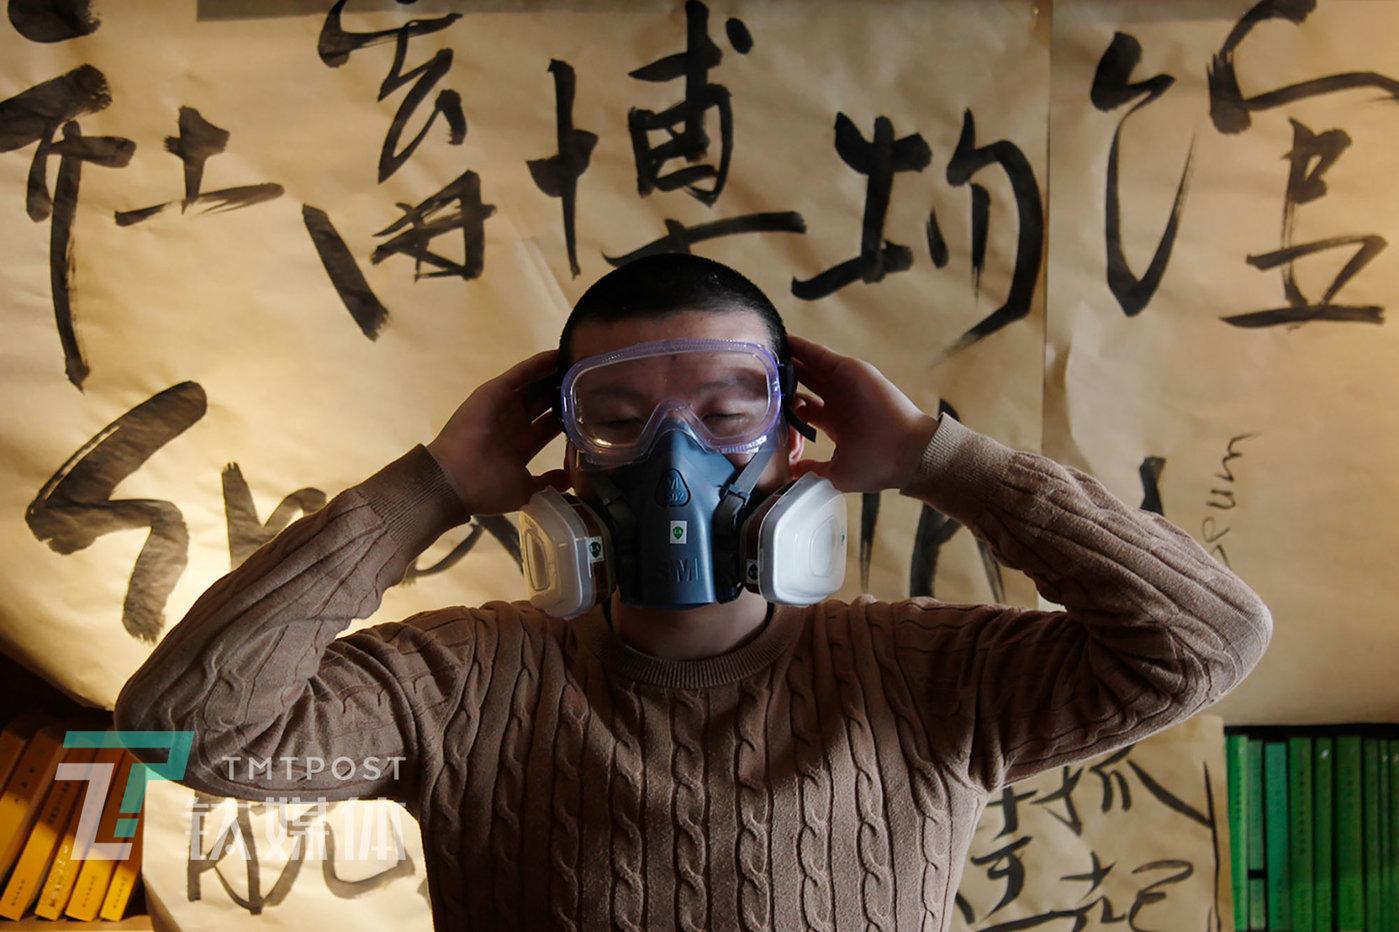 """4月14日,北京,""""社畜博物馆""""展览现场,主办方一名工作人员在展示一件社畜物品:防毒面罩。这件物品来自一名程序员,这名程序员说,公司要求员工在刚装修好的办公室办公,所以它买了这只面罩去上班""""表示抗议""""。"""